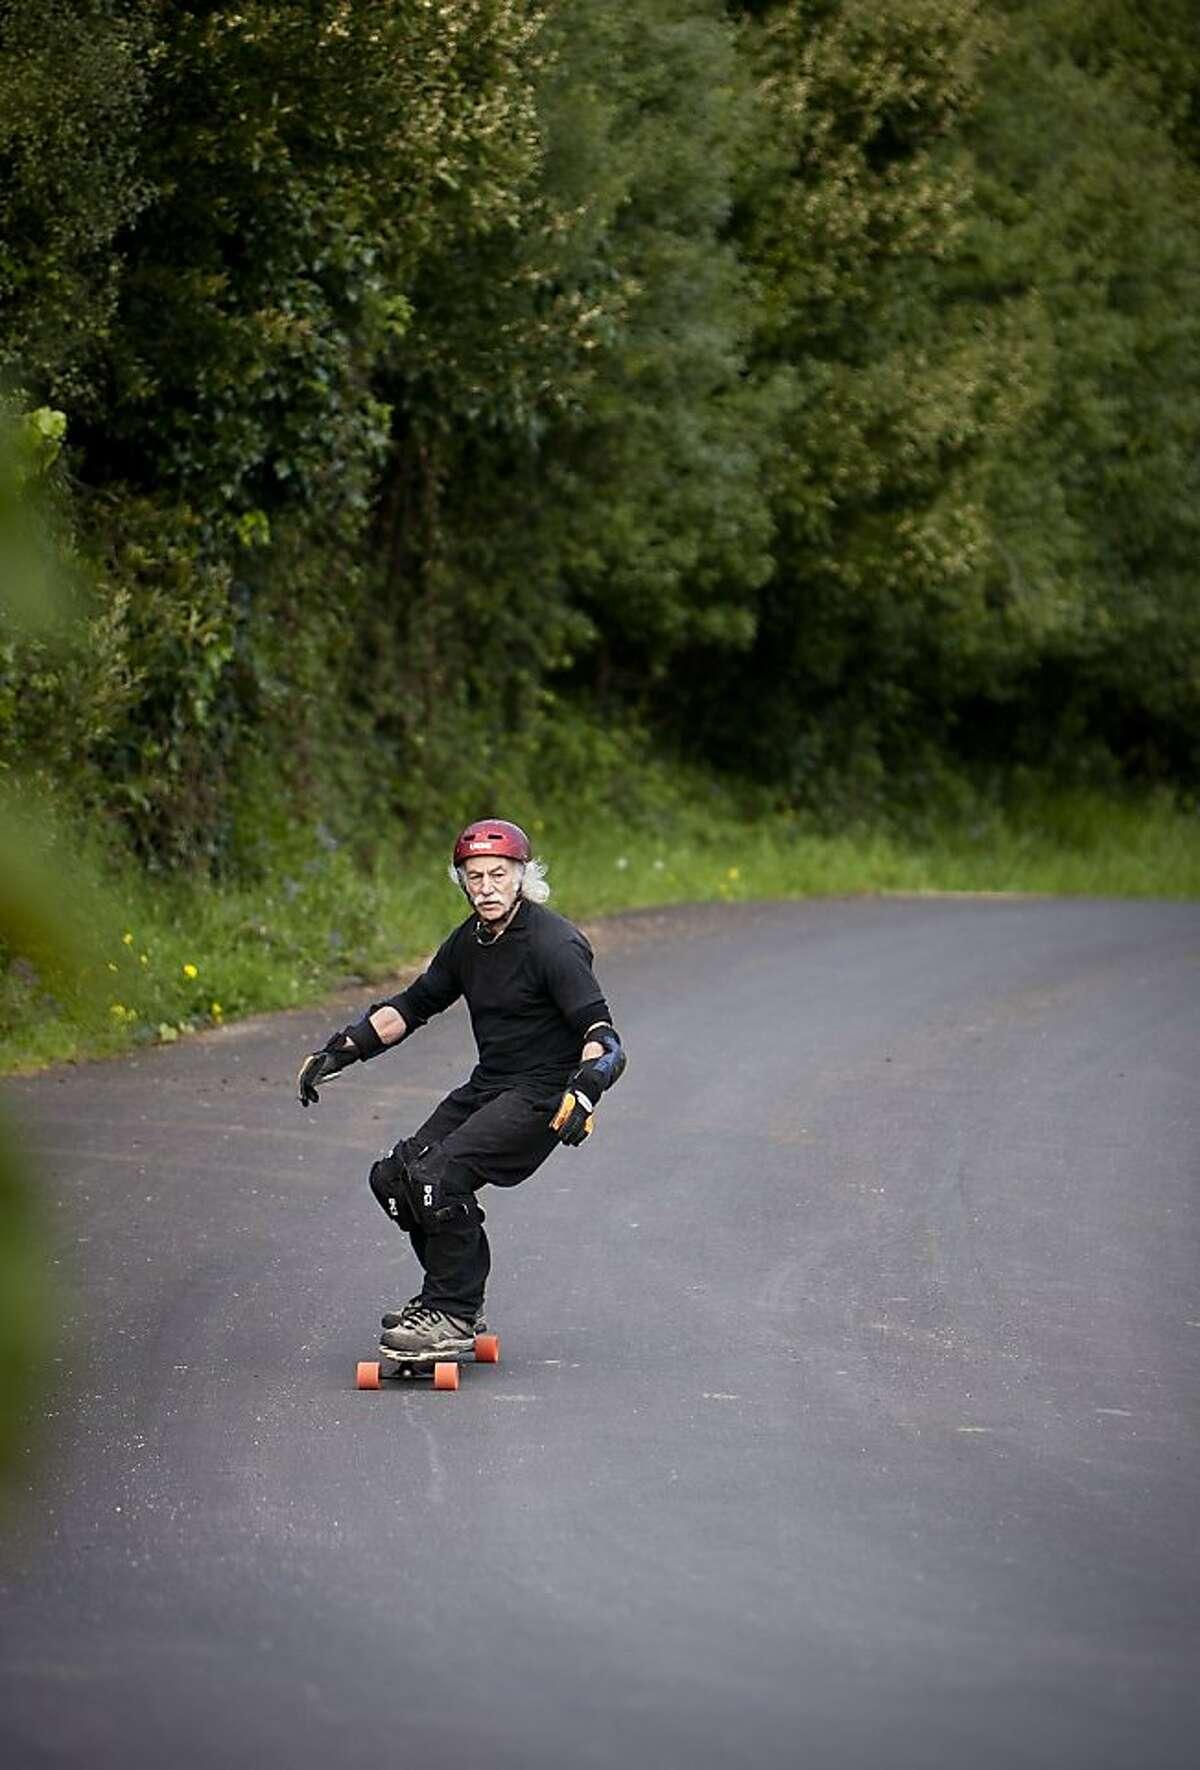 lloyd Kahn, 76-year-old skateboarder